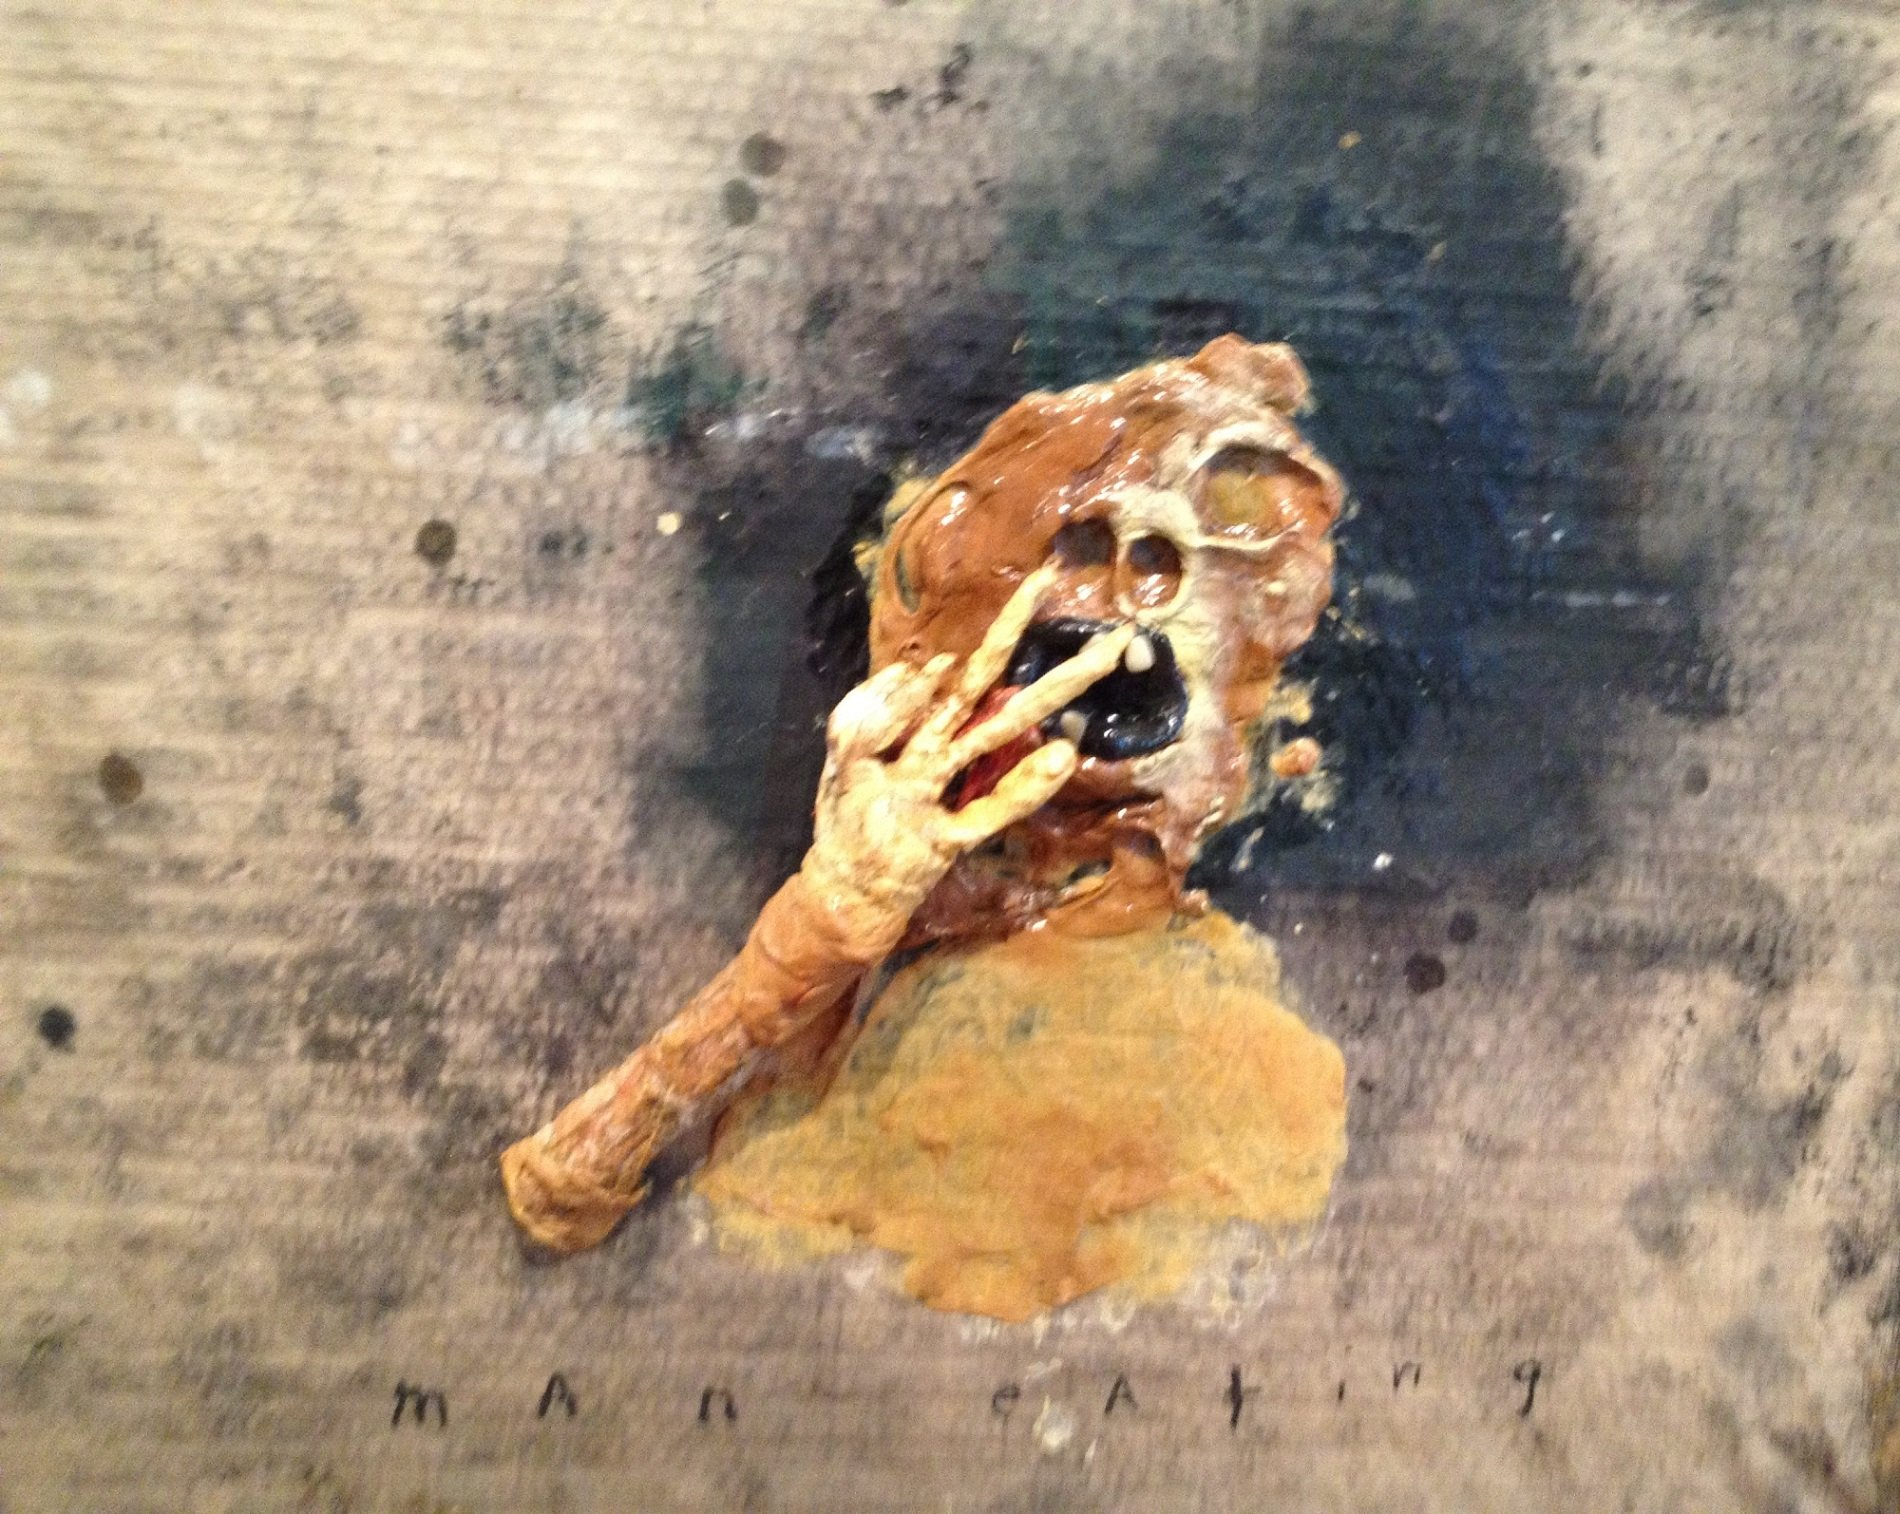 дэвид линч картины дэвида линча david lynch paintings отвратительные мужики disgusting men